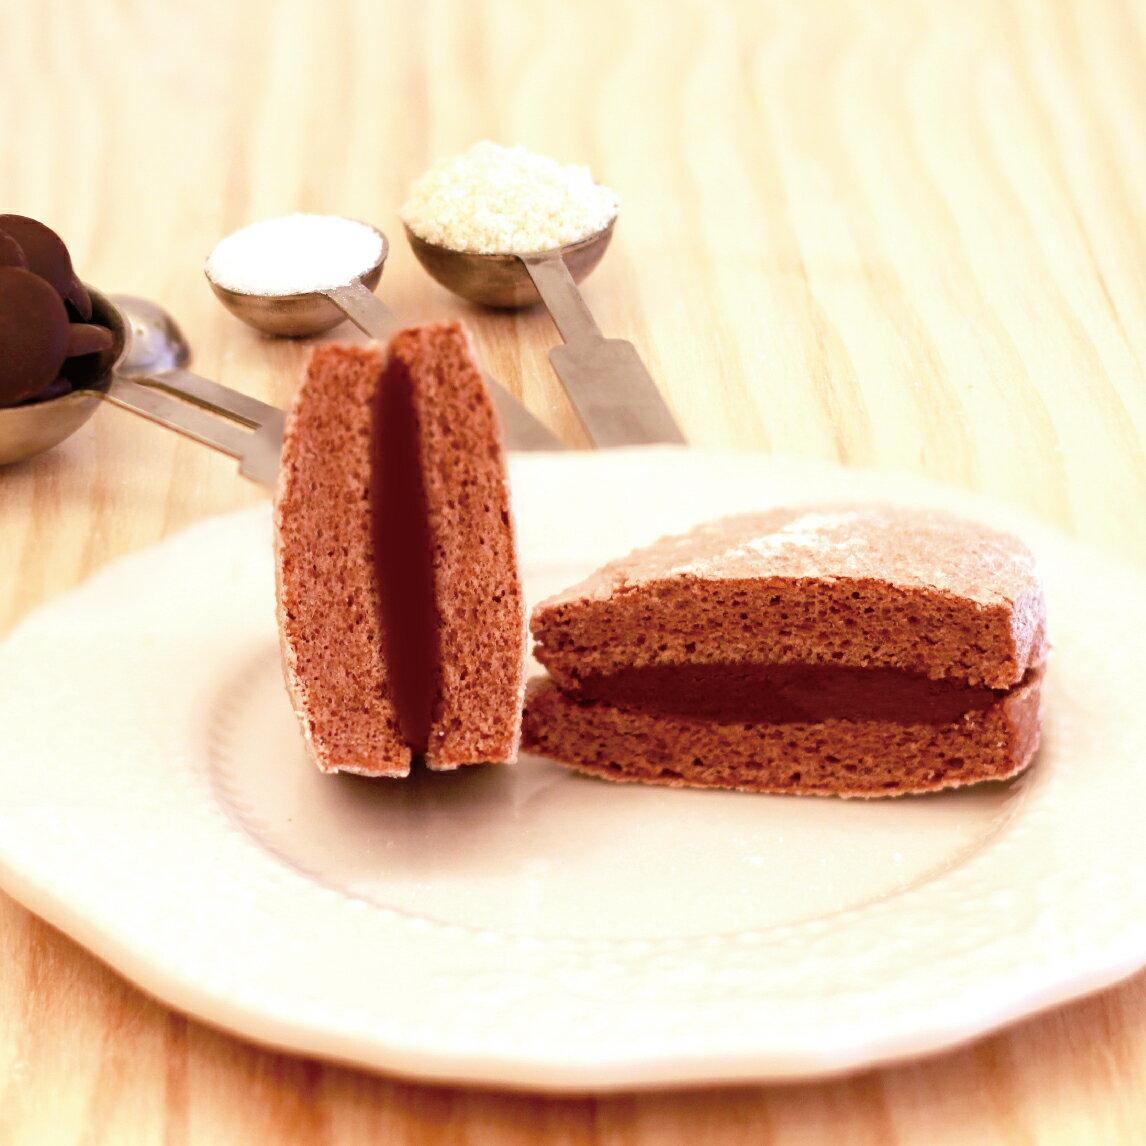 ★ 法式黑巧達克瓦茲  ★達克瓦茲 DACQUOISE 法國百年甜點 由高級進口杏仁粉製作,似馬卡龍但又不會甜膩,外酥內軟充滿天然杏仁香氣 + 法國70%巧克力內餡,巧克力的苦甜融入口中好浪漫~